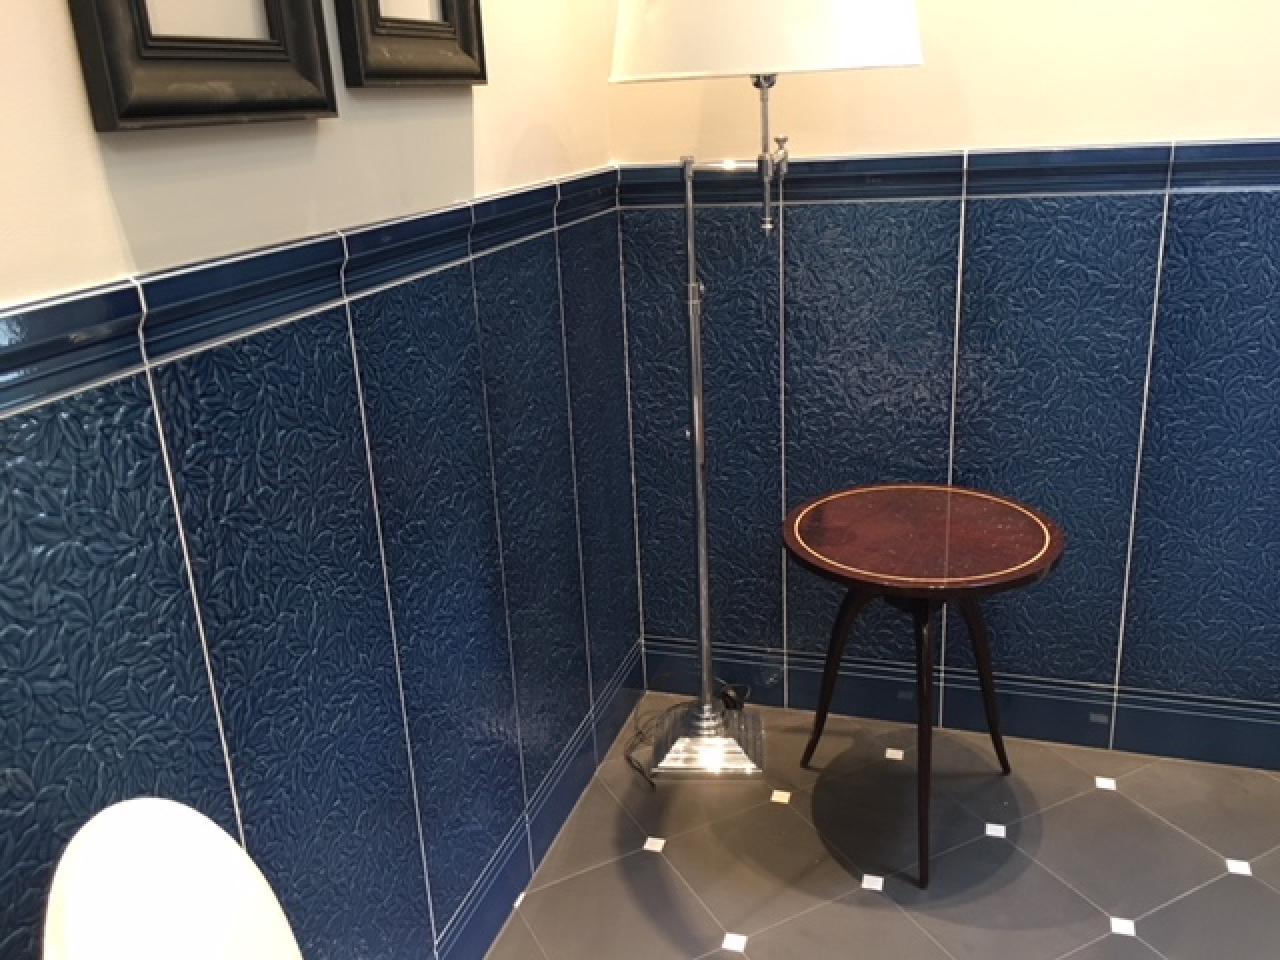 Significato Di Vasca Da Bagno In Inglese : Boiserie in piastrelle nel bagno classico fratelli pellizzari